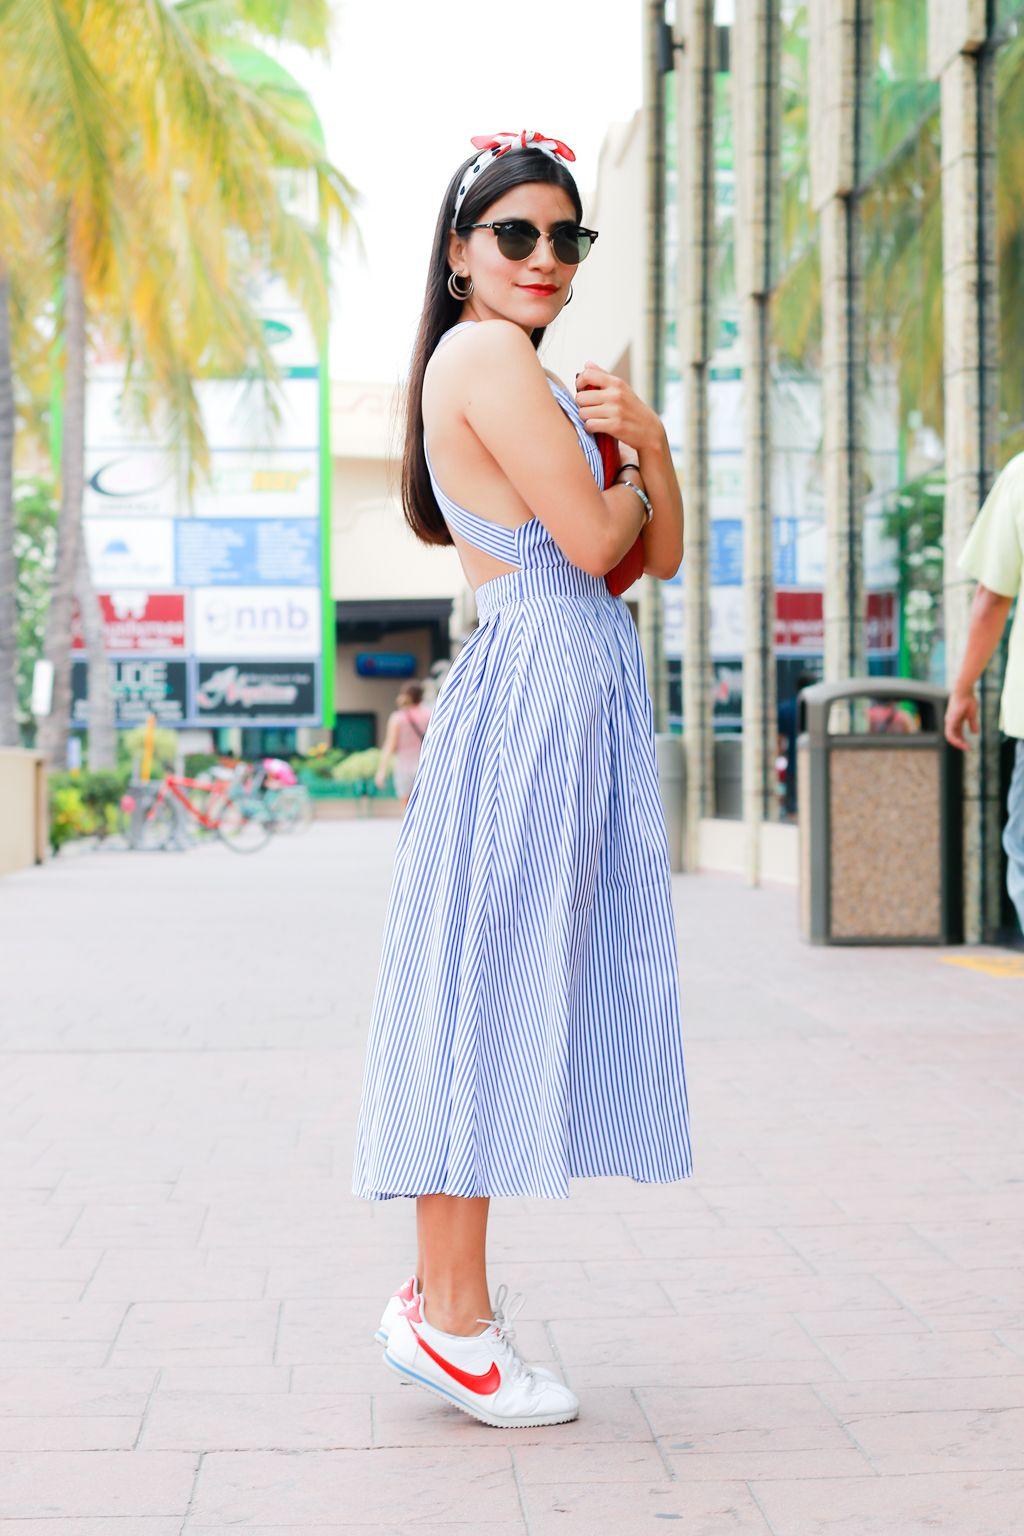 Olvida Los Tacones Lo De Hoy Son Los Tenis Latina Fashion Outfits Tenis Top Fashion Bloggers